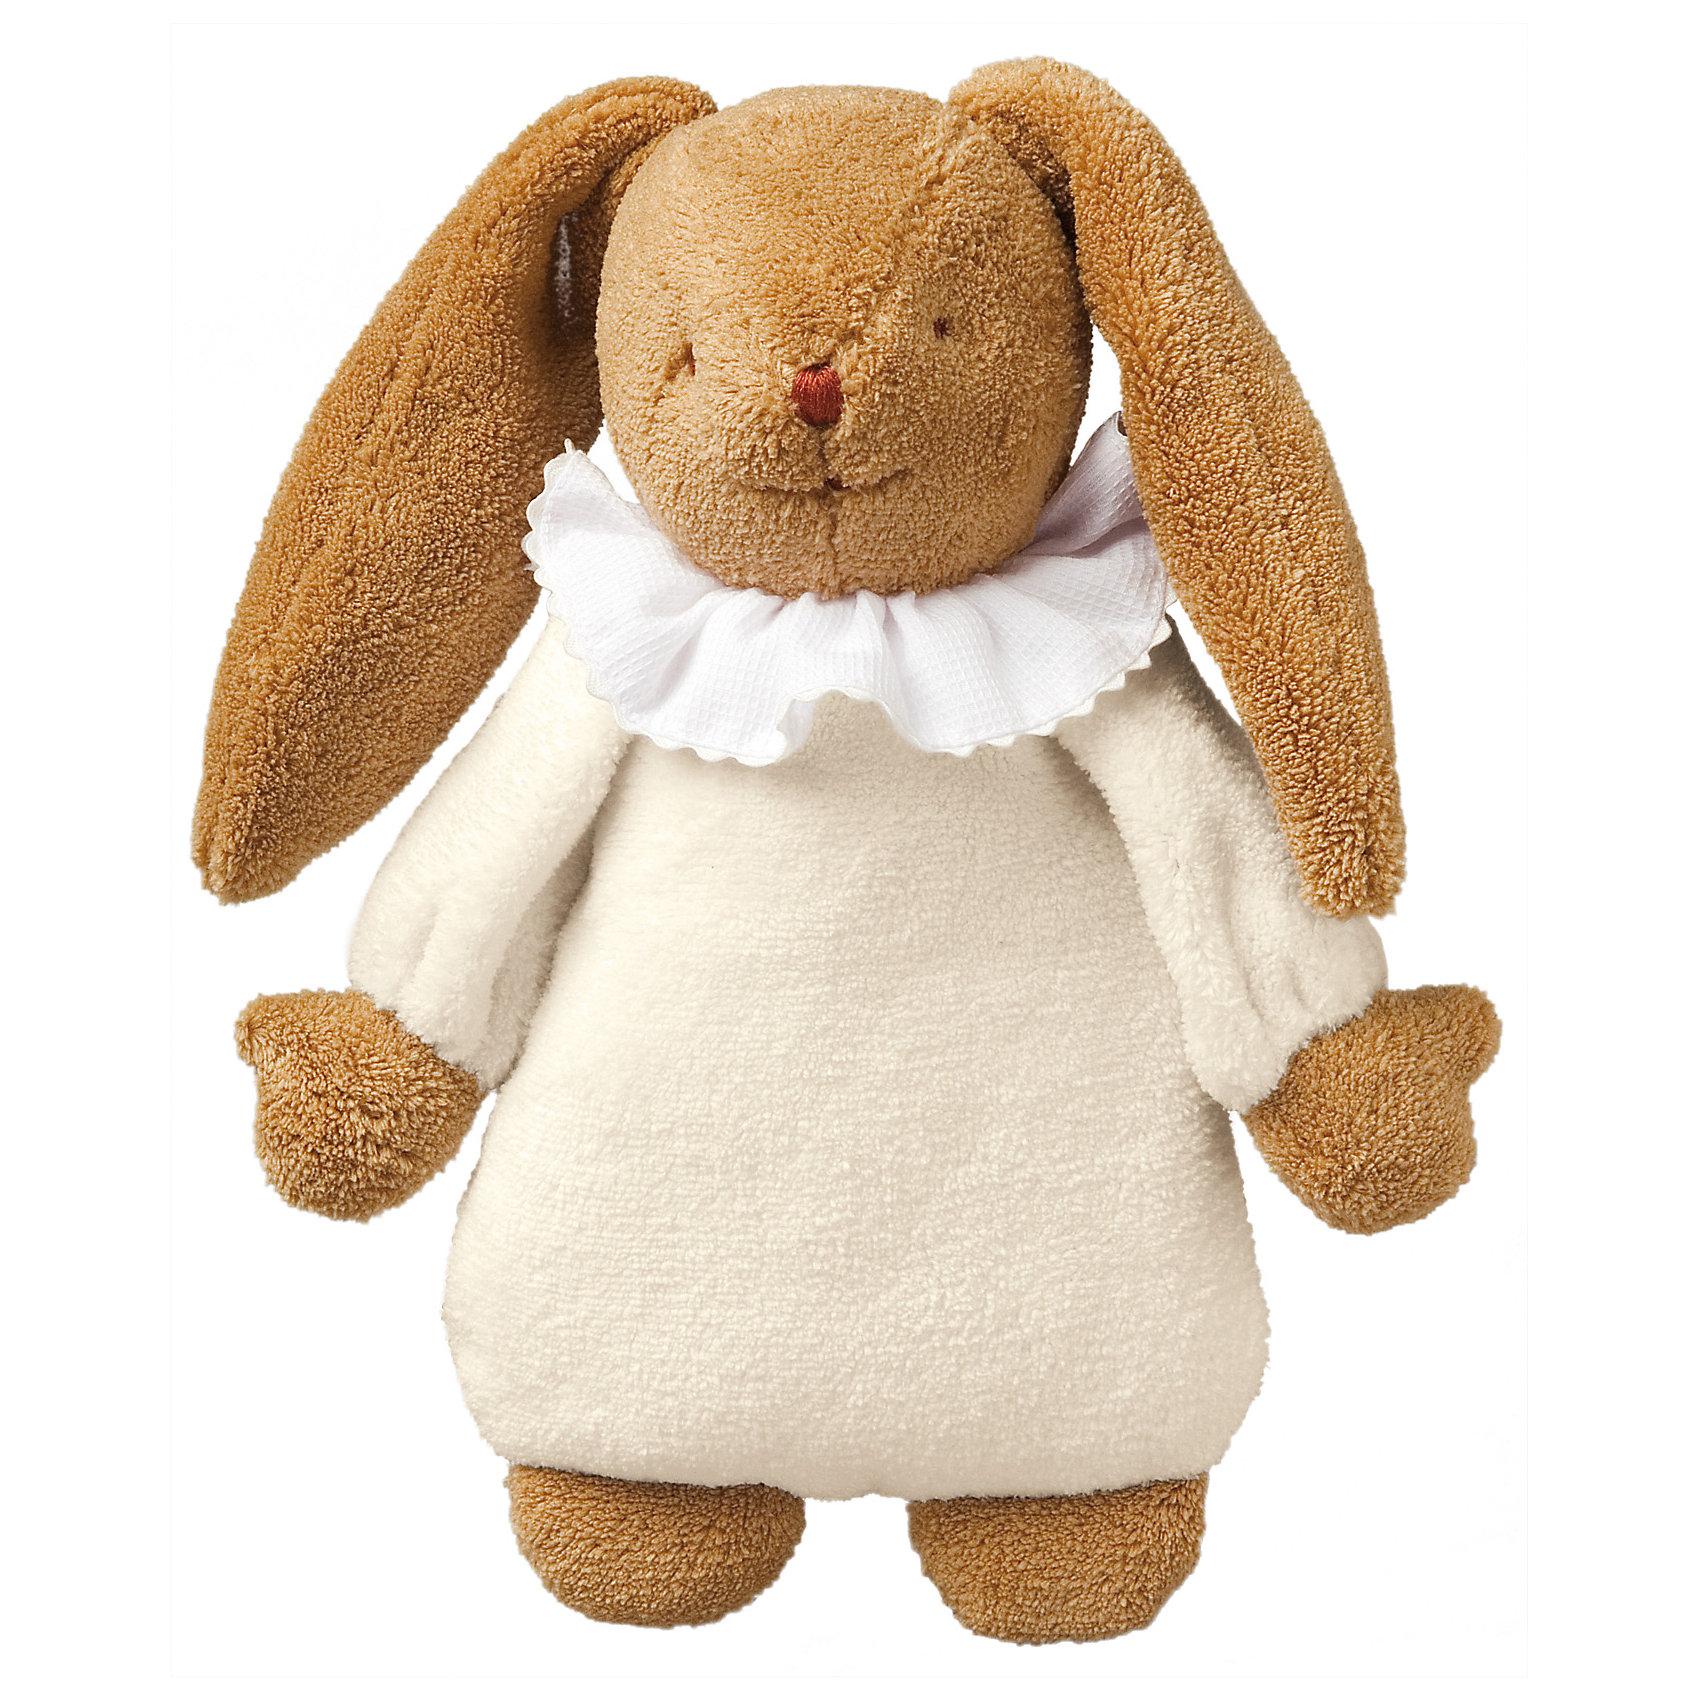 trousselier мягкая озвученная игрушка зайка цвет фуксия 25 см TROUSSELIER Мягкая игрушка Зайка с музыкой, цвет слоновой кости, 25см, Trousselier